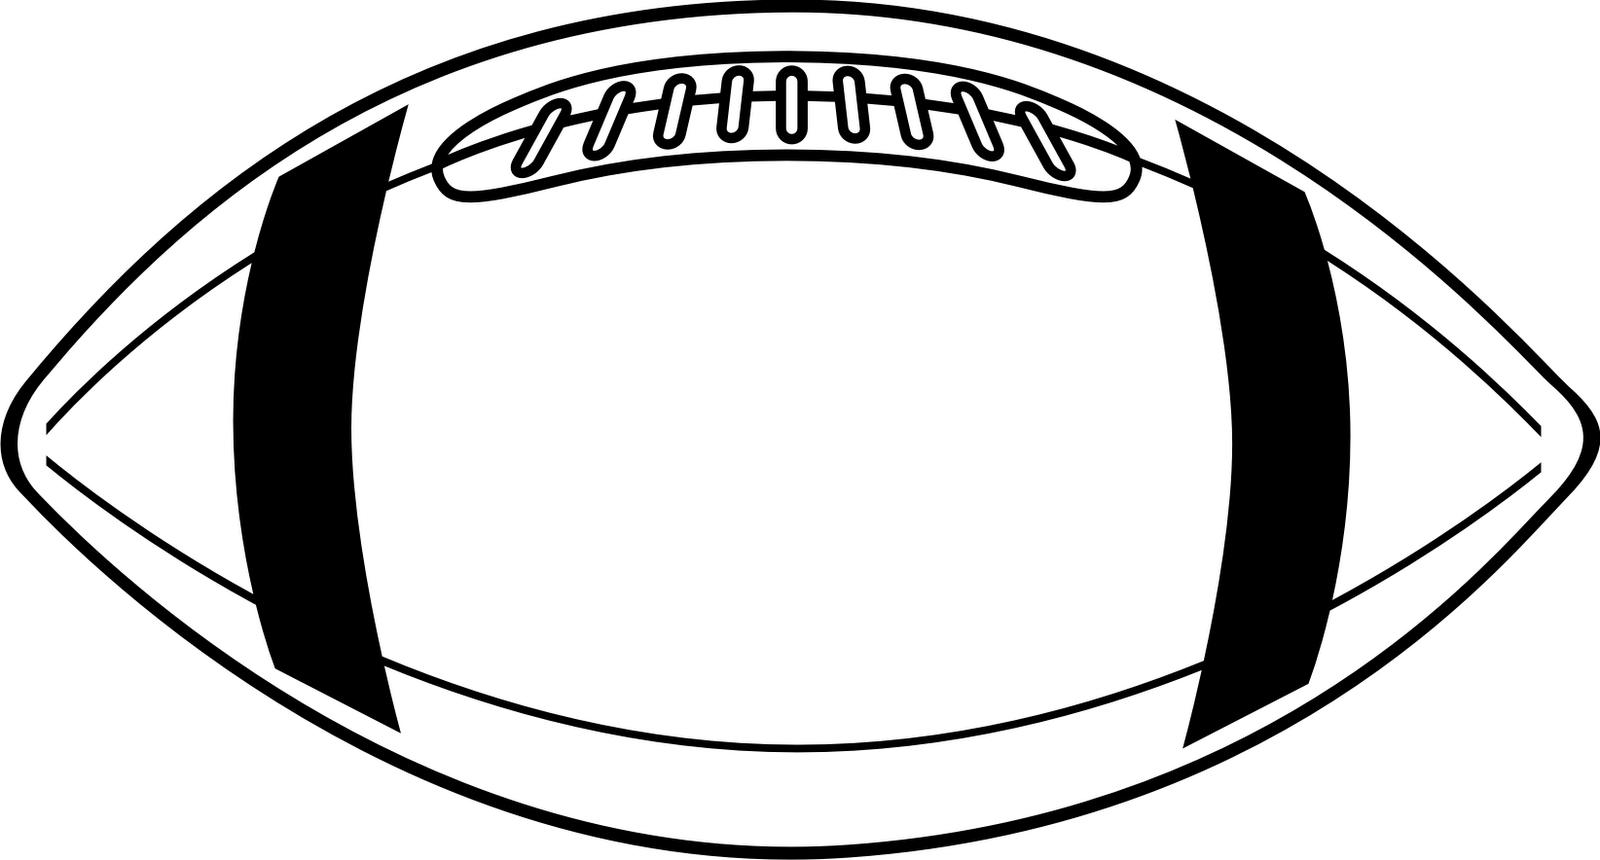 1600x860 Football Symbols Cliparts 210949